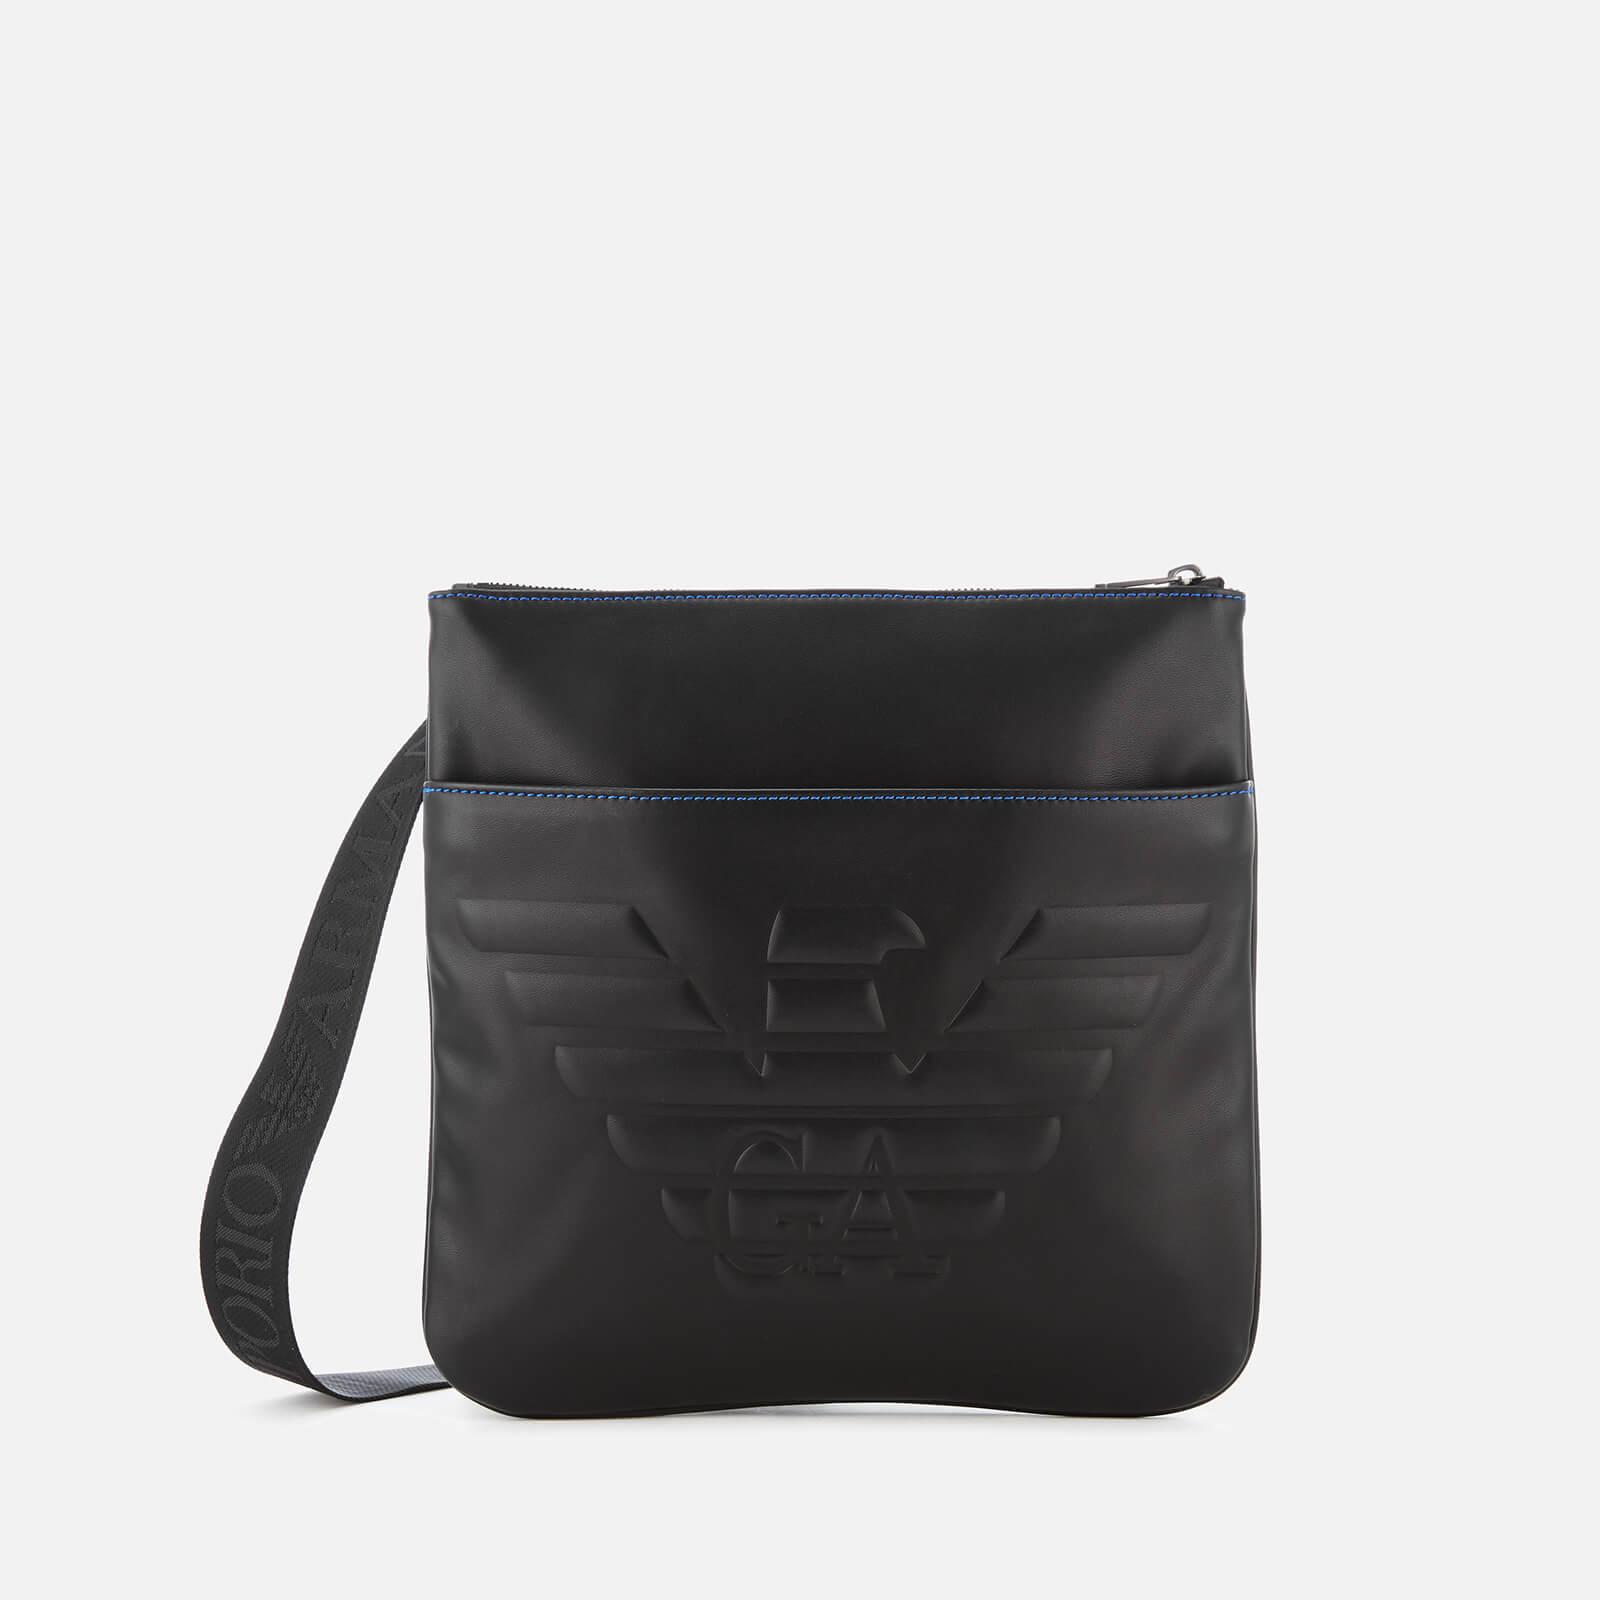 df72213dc517 Emporio Armani Men s Big Flat Messenger Bag - Black - Free UK Delivery over  £50